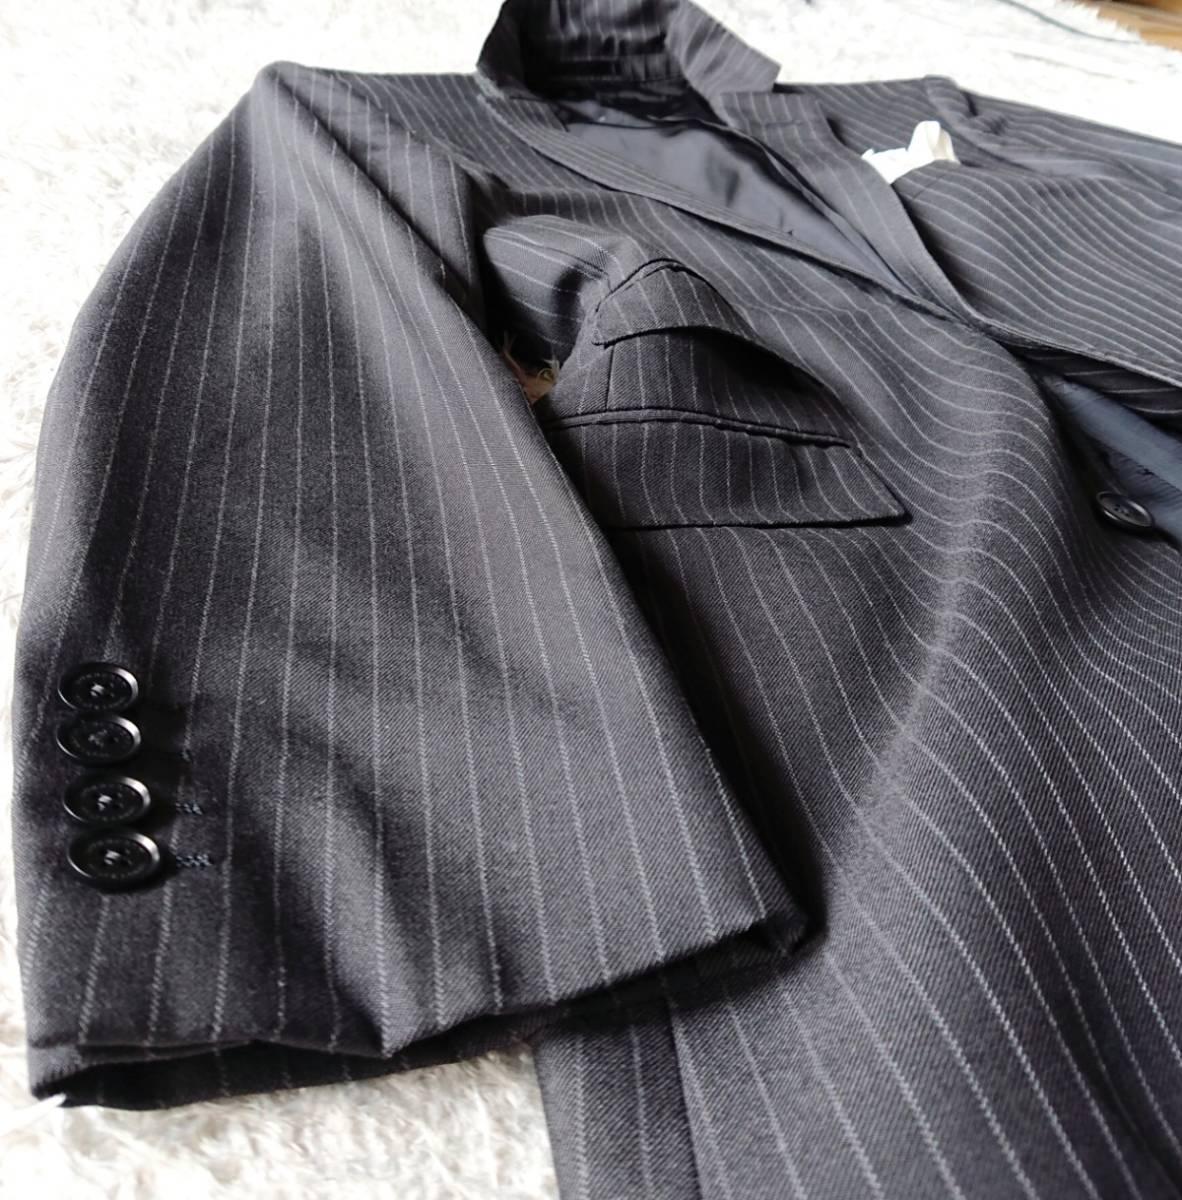 美品 英国仕様 希少な極上デザイン英文字ロゴ入 柔らかな肌触り★ バーバリー ブラック レーベル スーツ セットアップ メンズ ダークグレー_画像5